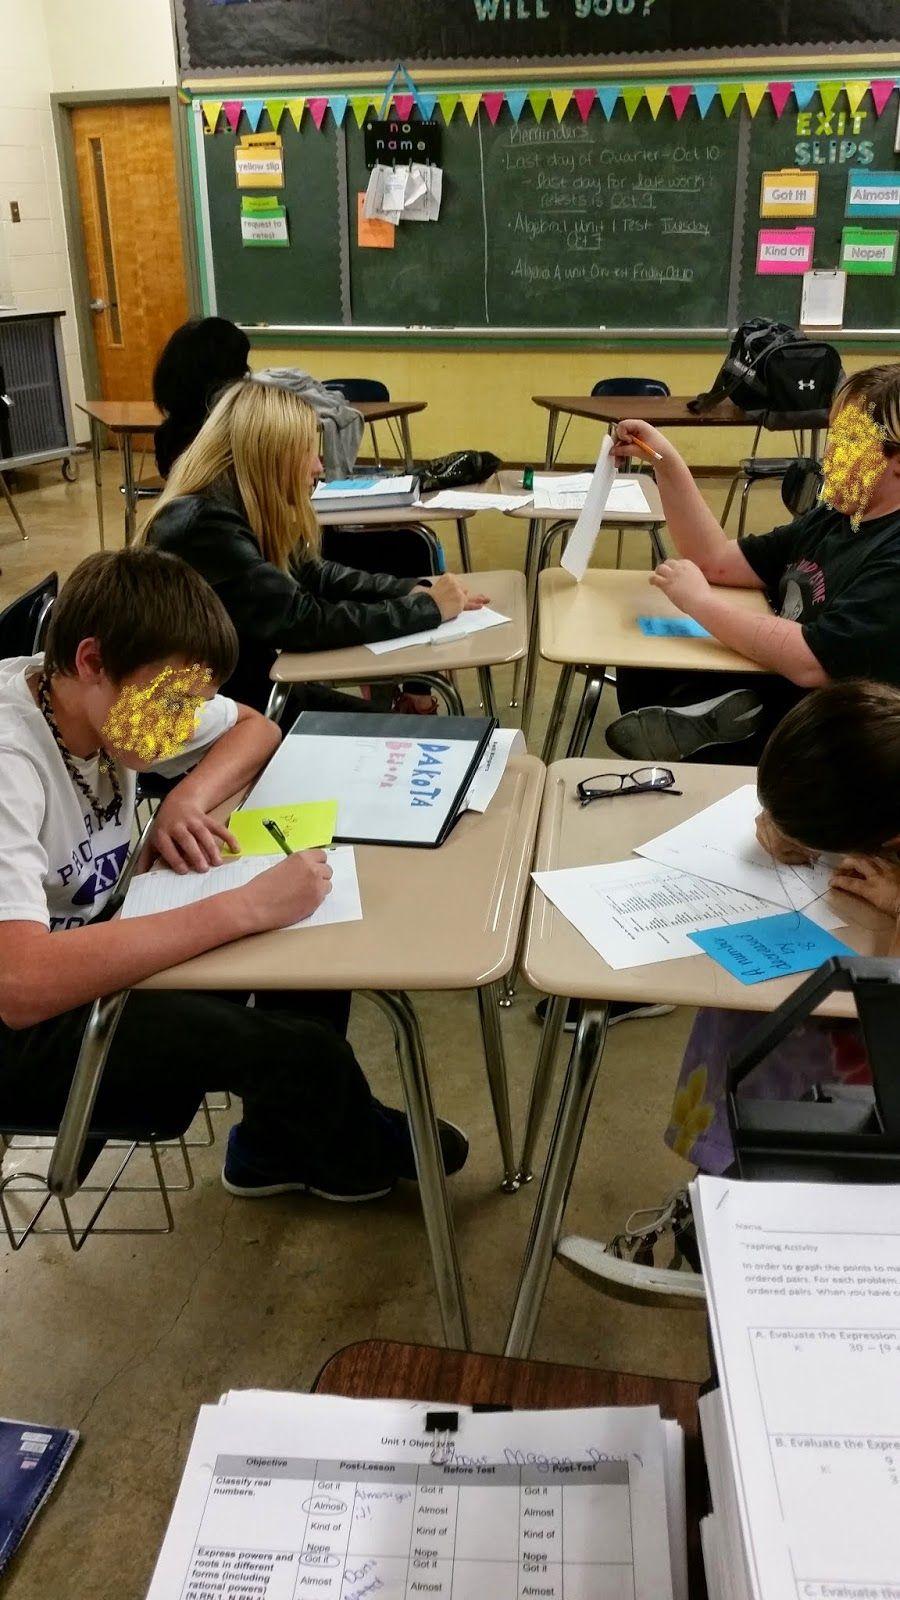 Speed Dating Activity | High school math teacher, Teaching